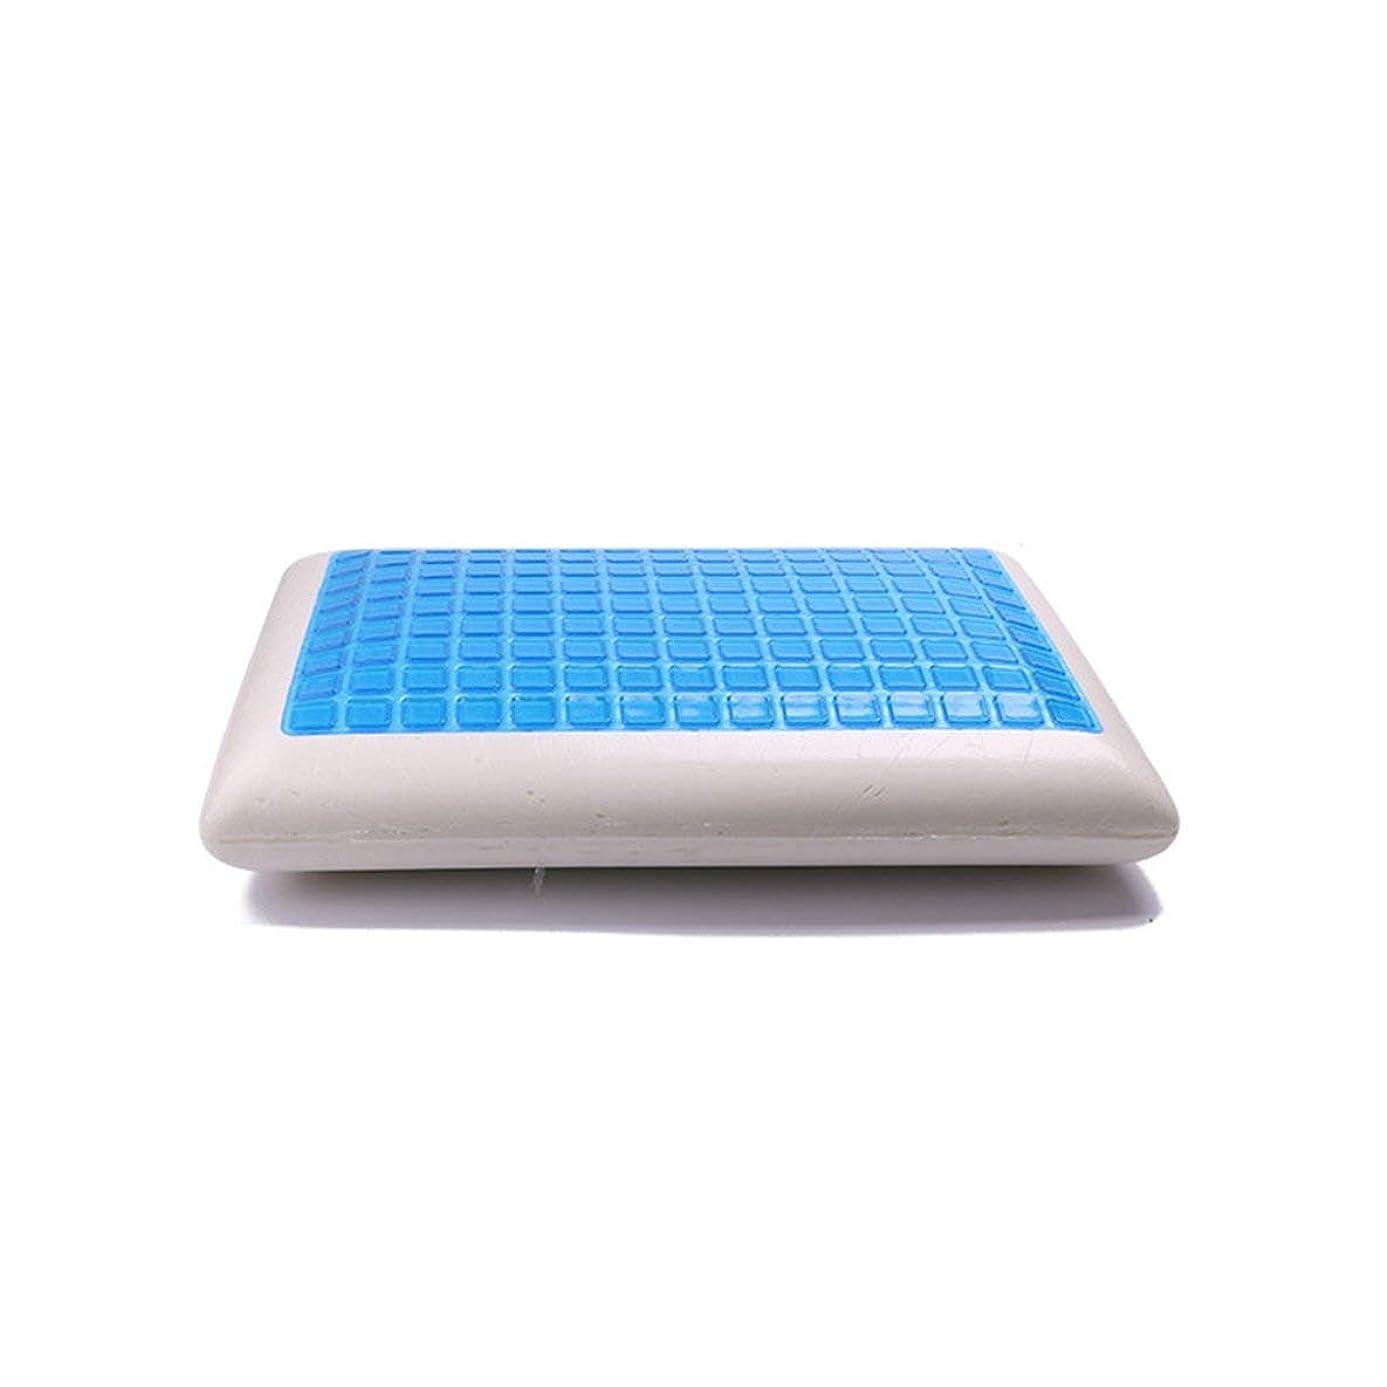 対角線砂漠保育園人間工学に基づいたデザインSlow Rebound Summerクールジェル寝具枕通気性低反発マッサージ首の痛みを軽減する枕 - ホワイト&ブルー